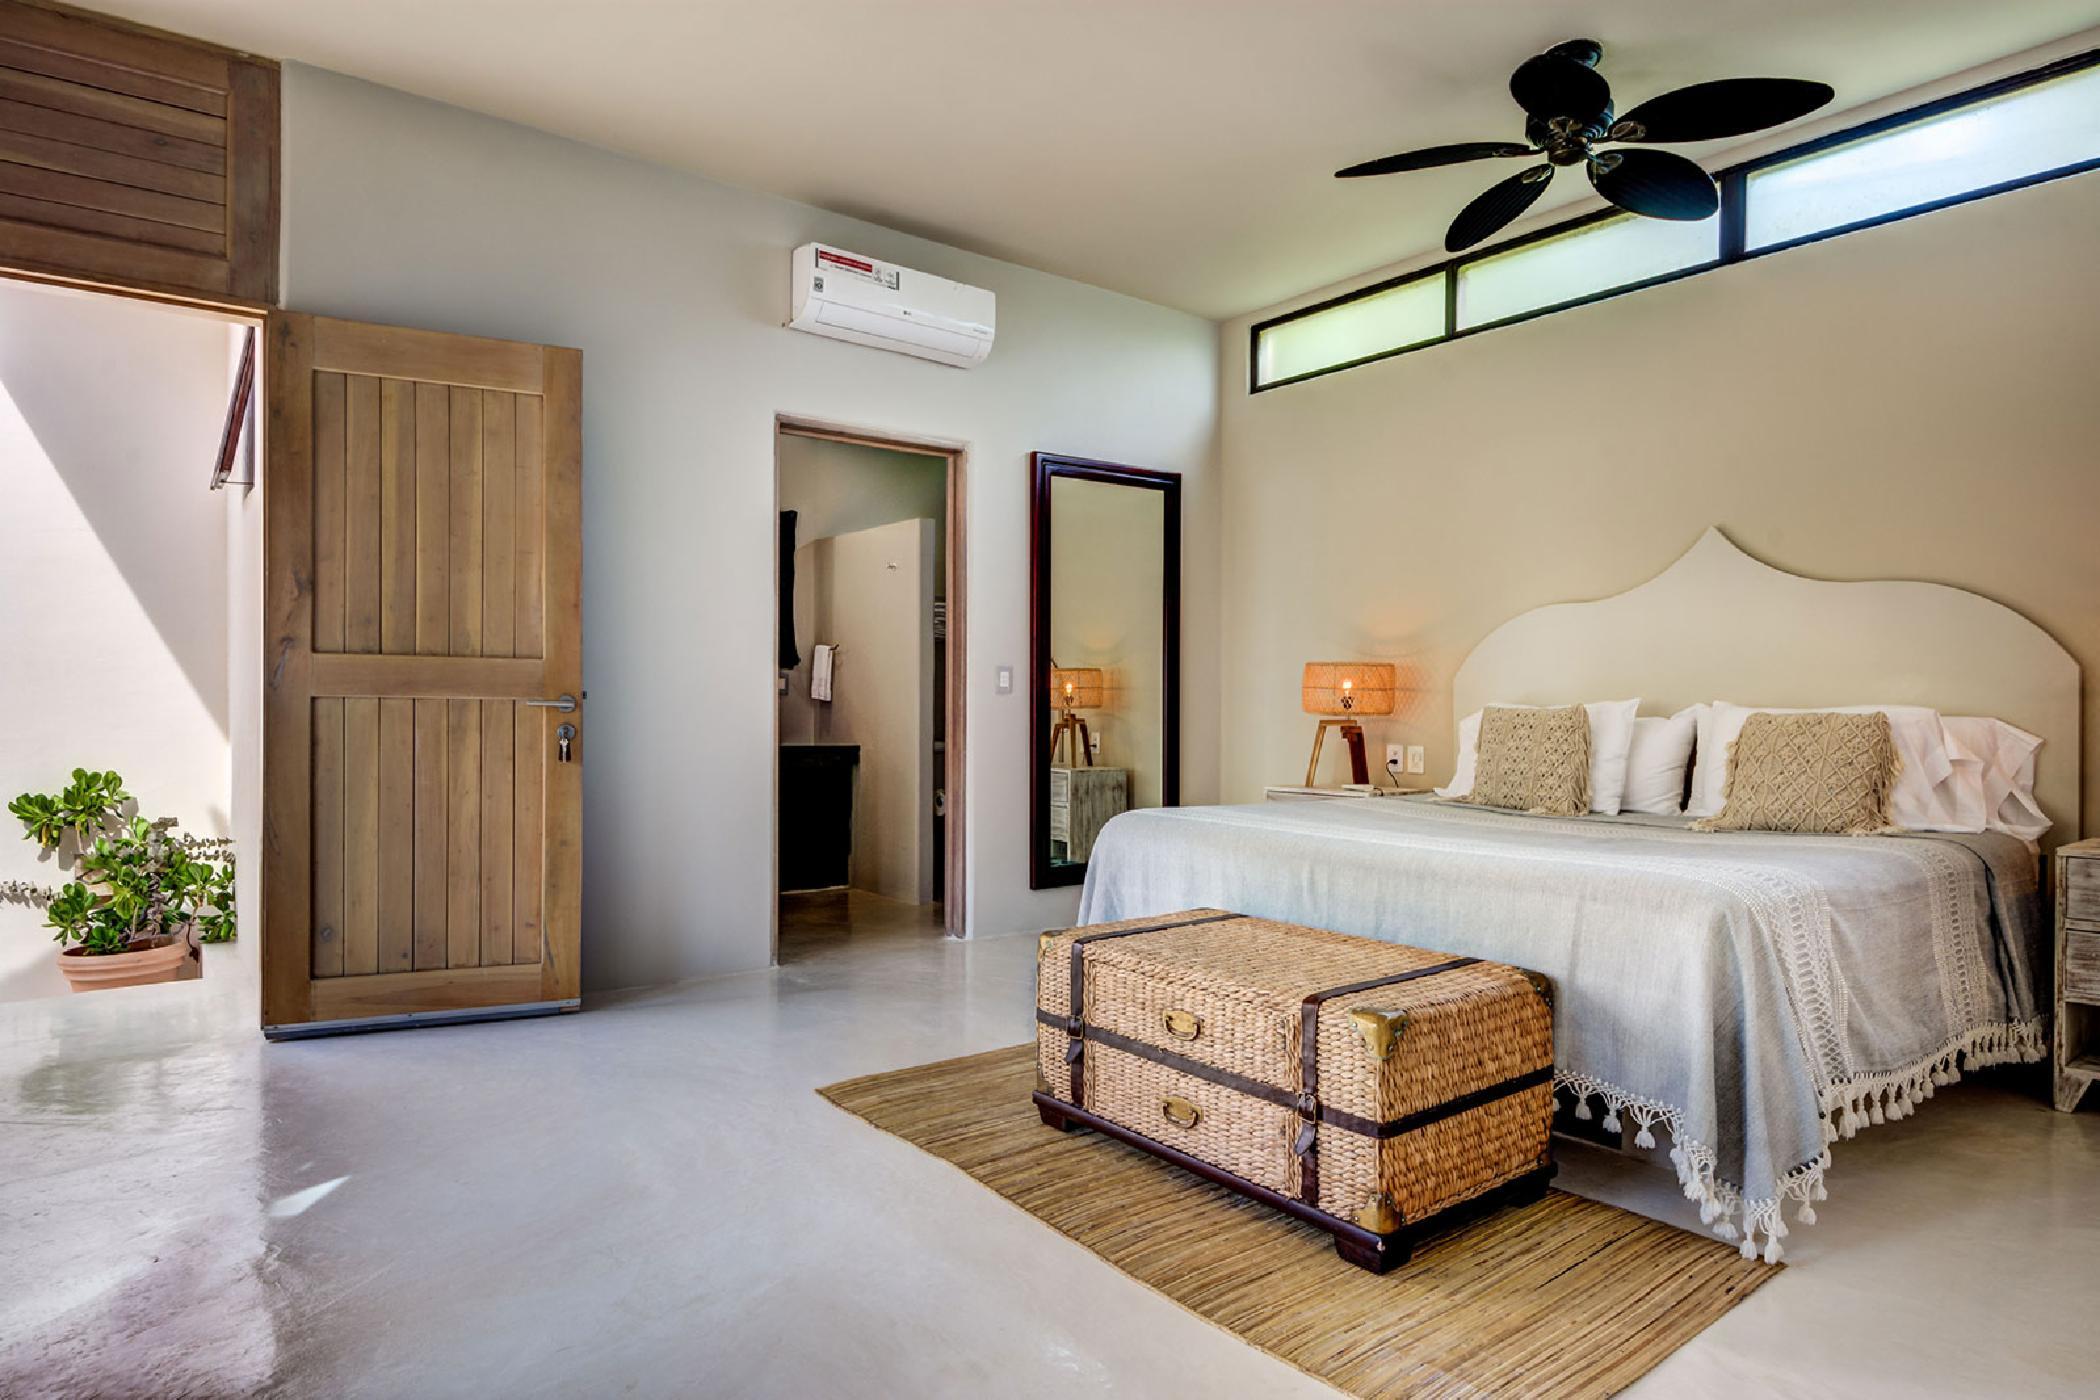 Maya_Luxe_Riviera_Maya_Luxury_Villas_Experiences_Tulum_Beach_5_Bedrooms_Villa_Miramar_23.jpg